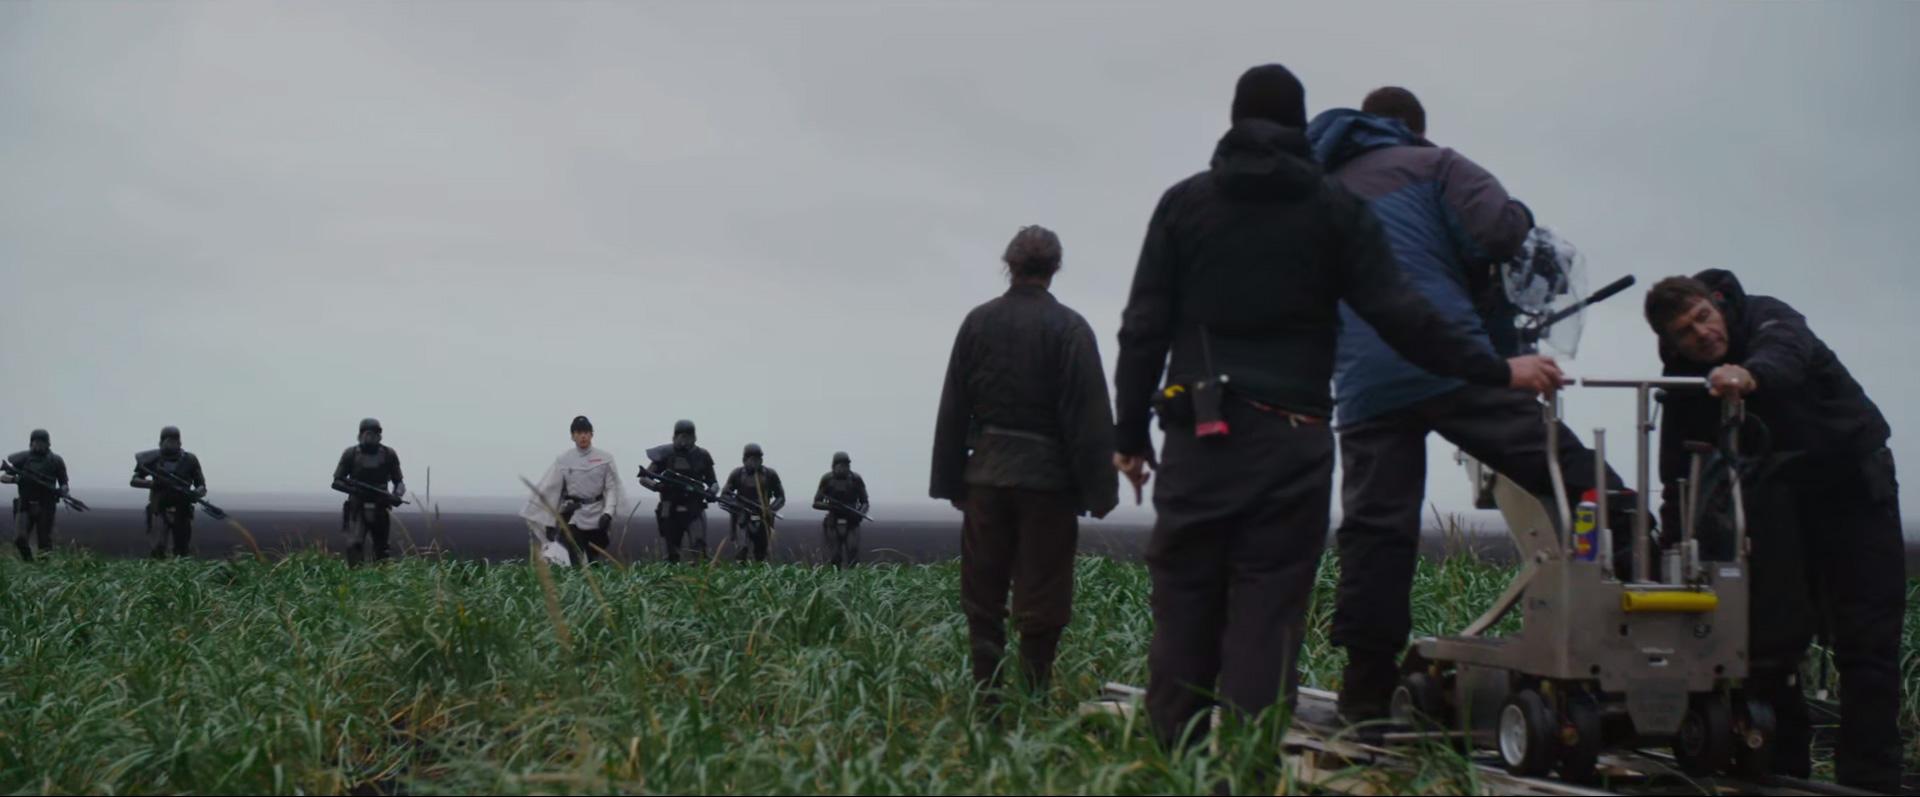 star-wars-rogue-one-trailer-breakdown-7.jpg